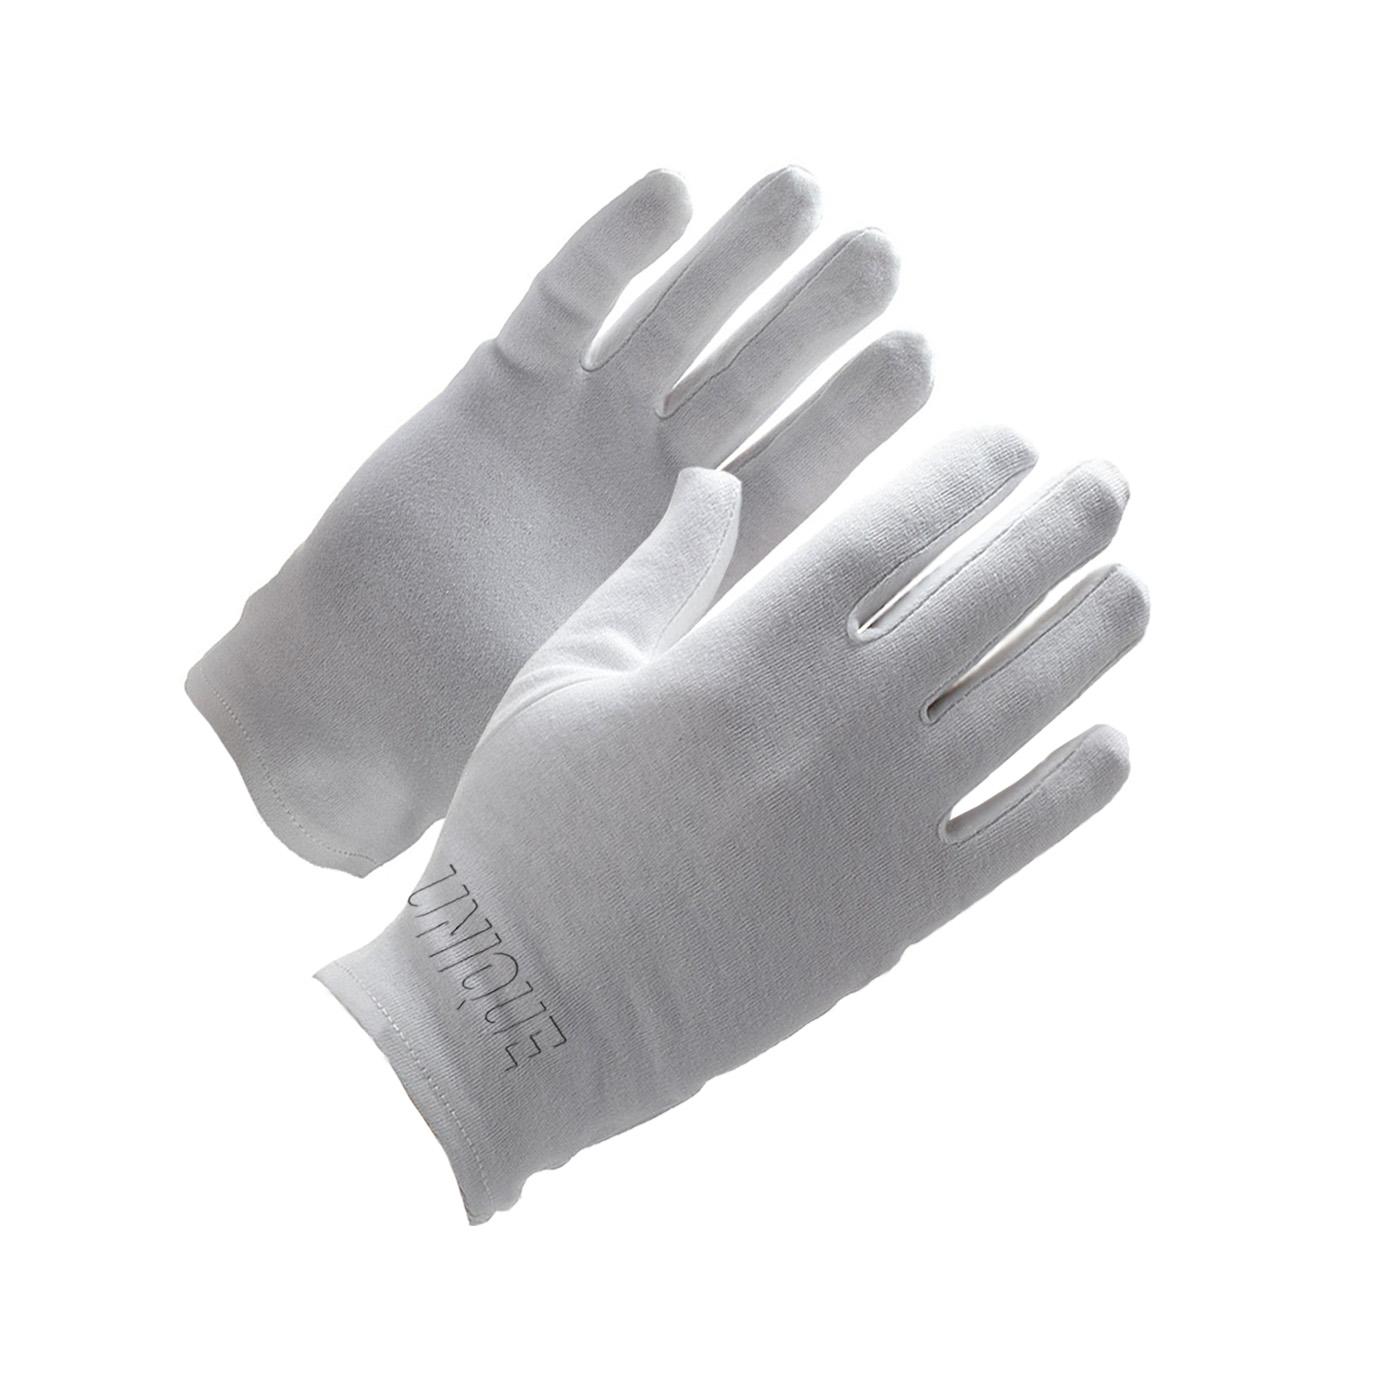 100% Cotton bleached interlock gloves